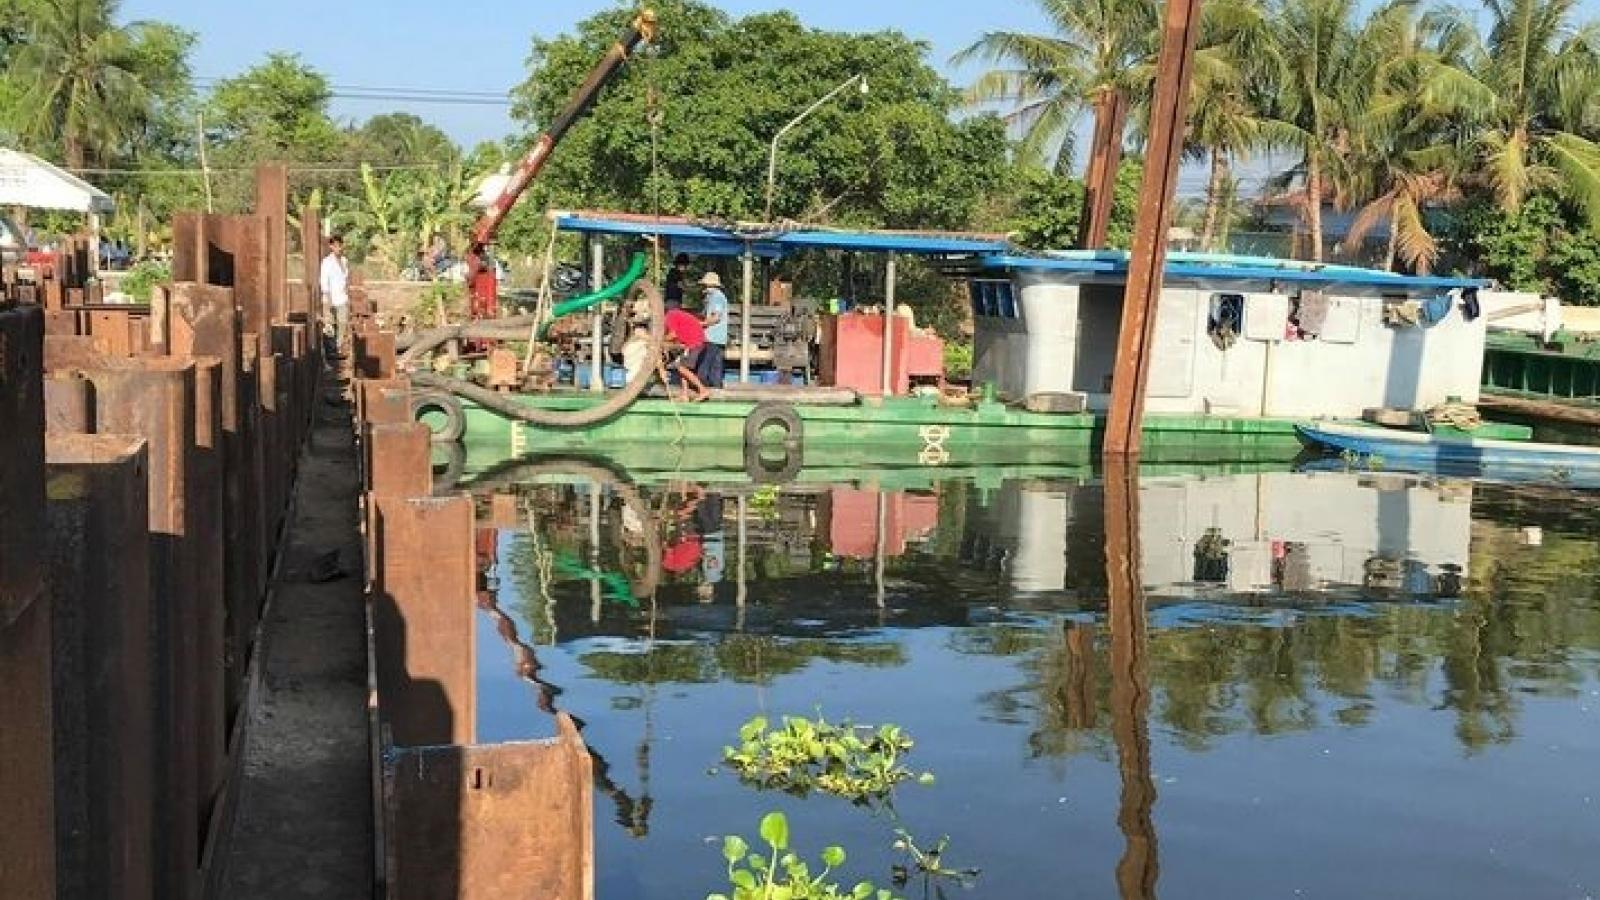 Tiền Giang tháo dỡ các đập ngăn mặn, đón nước ngọt vào nội đồng